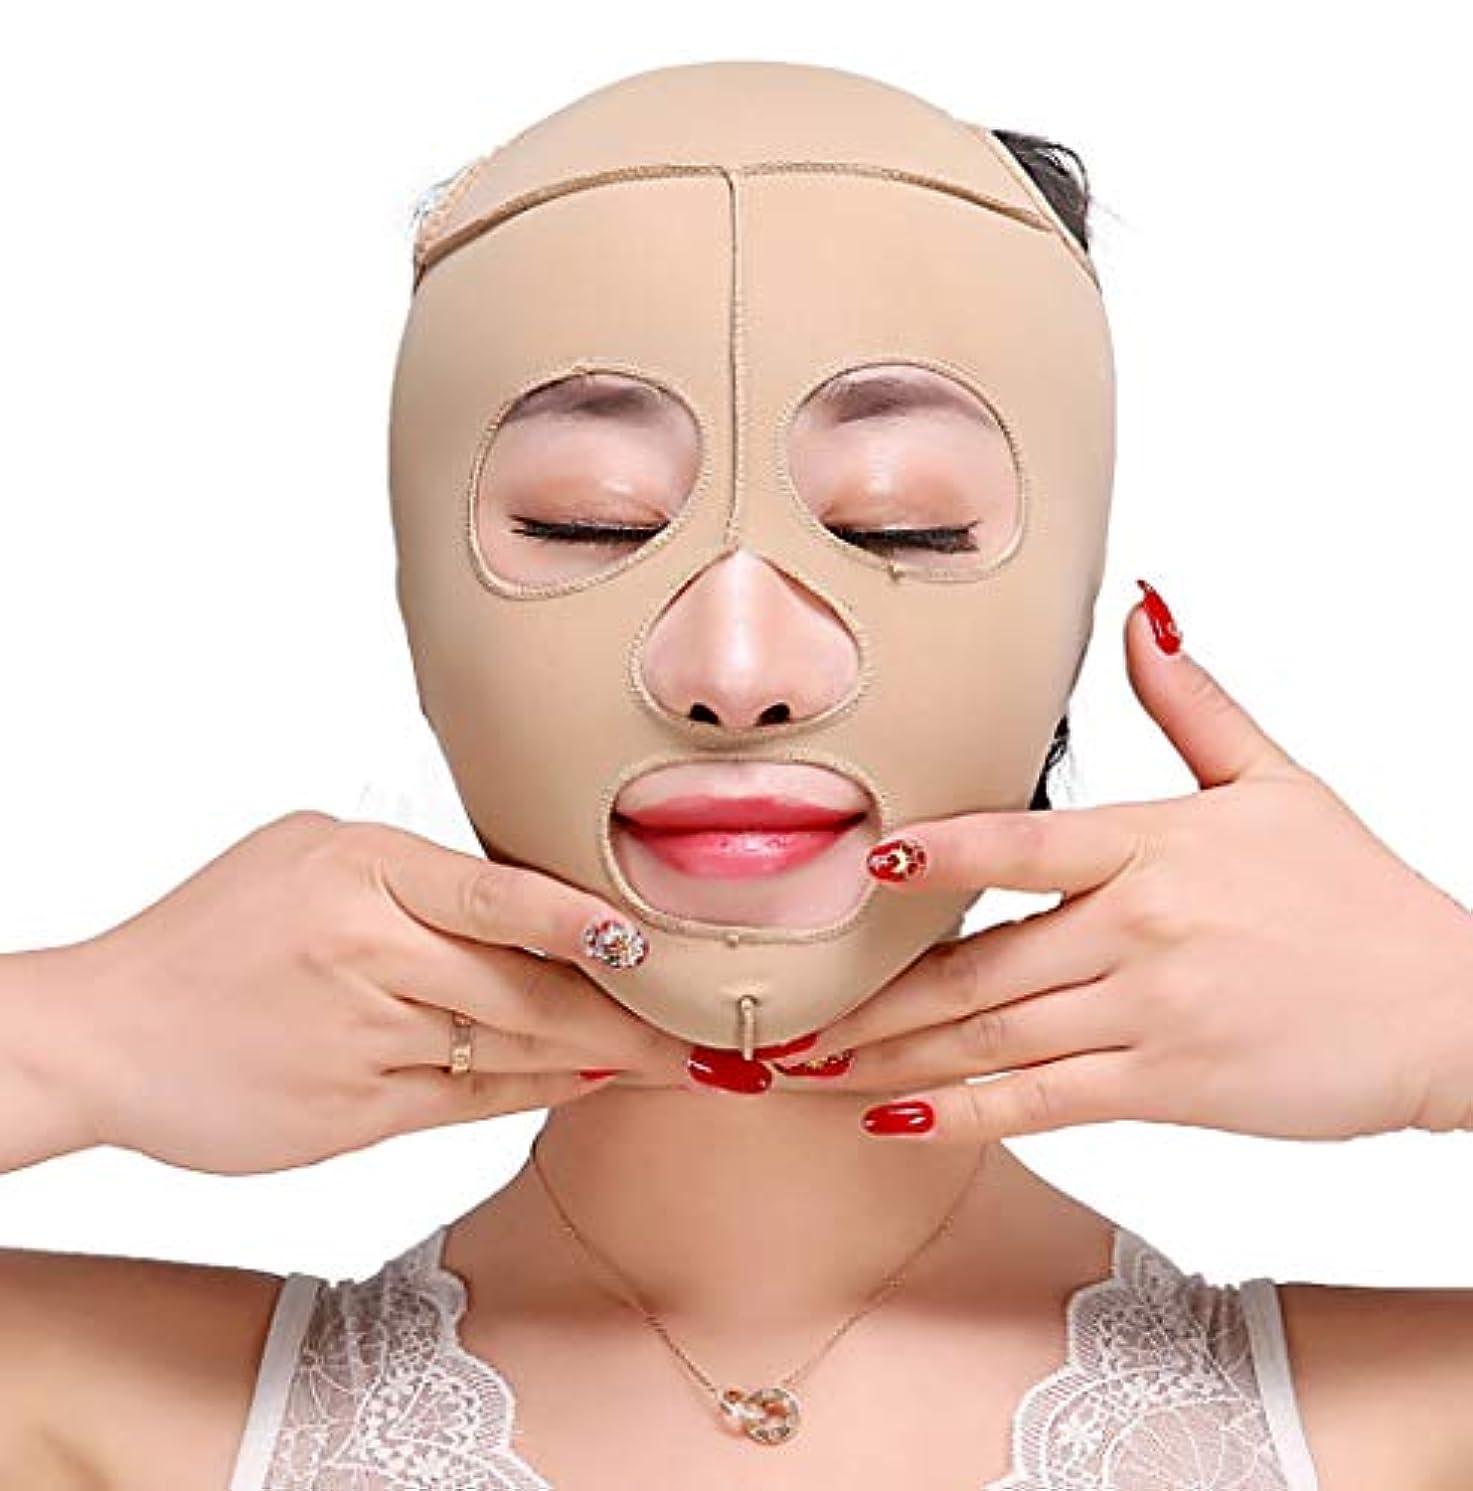 アッティカス振る舞う酸TLMY 痩身ベルト痩身ベルト薄い顔の包帯小V顔の顔の薄い顔のマスク包帯の強化引き締めV顔美容マスク小さな顔の包帯の頭飾り修正顔の形 顔用整形マスク (Size : M)